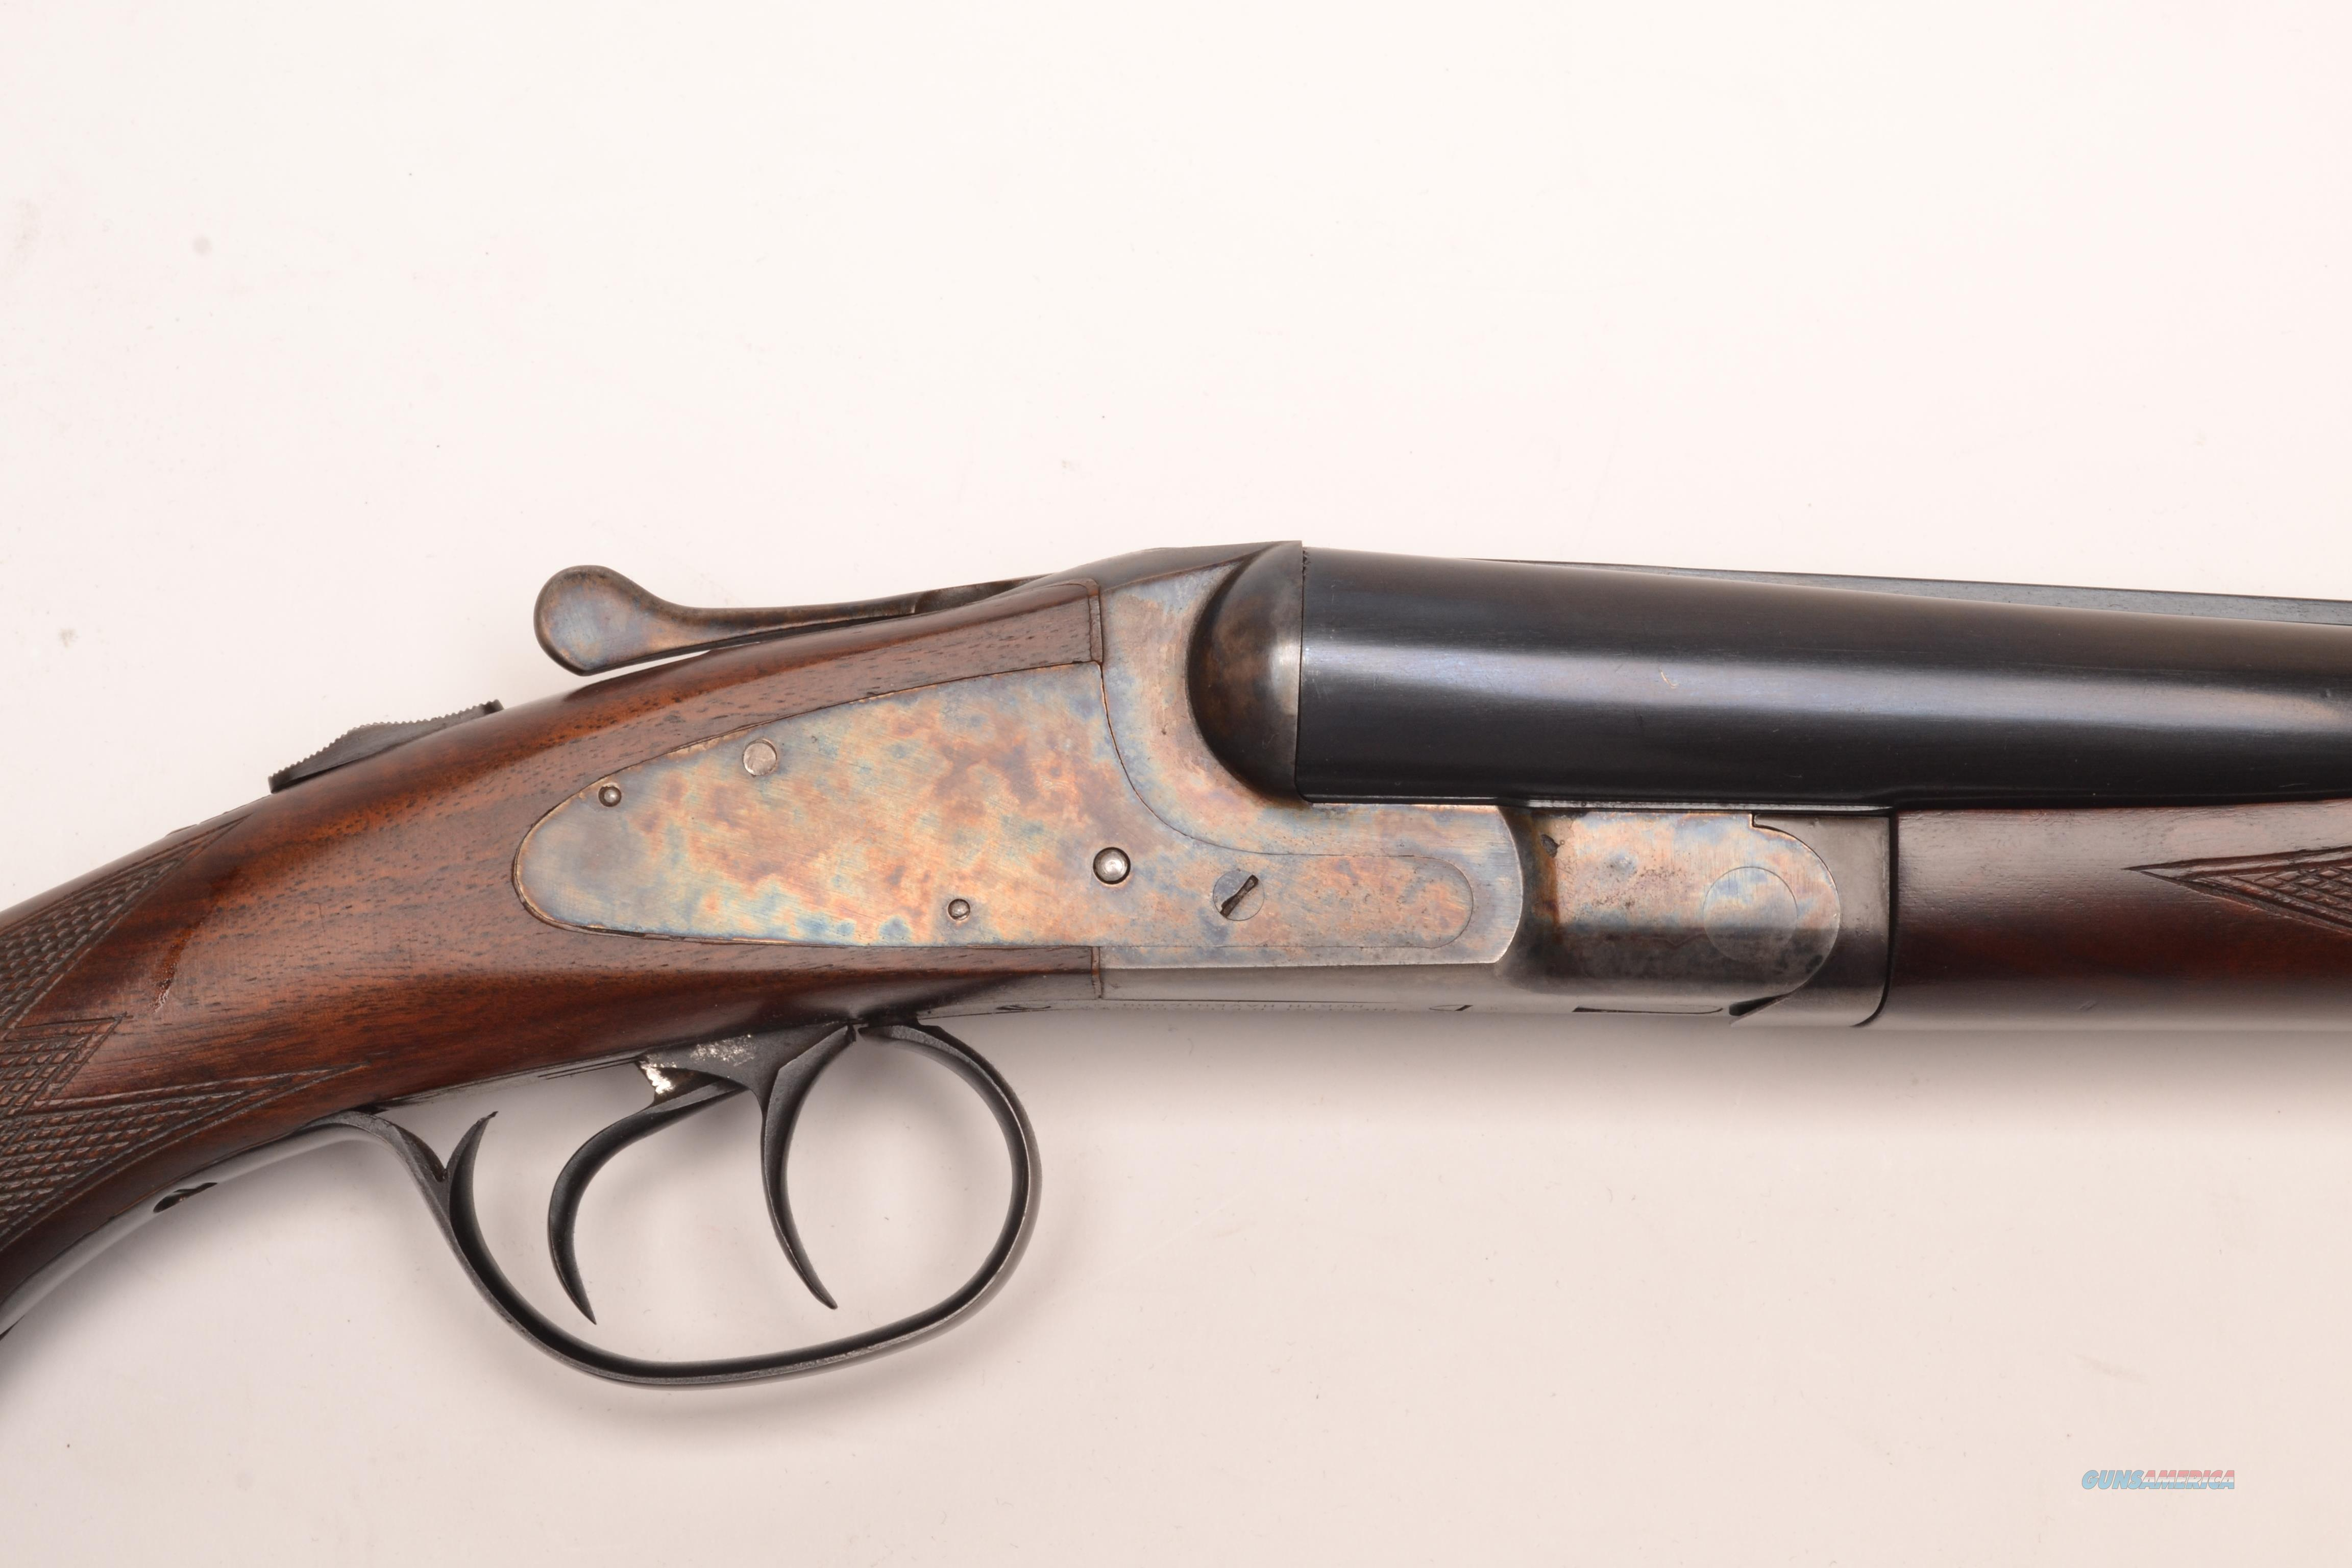 L.C. Smith - Deluxe, 12ga.  Guns > Shotguns > L.C. Smith Shotguns